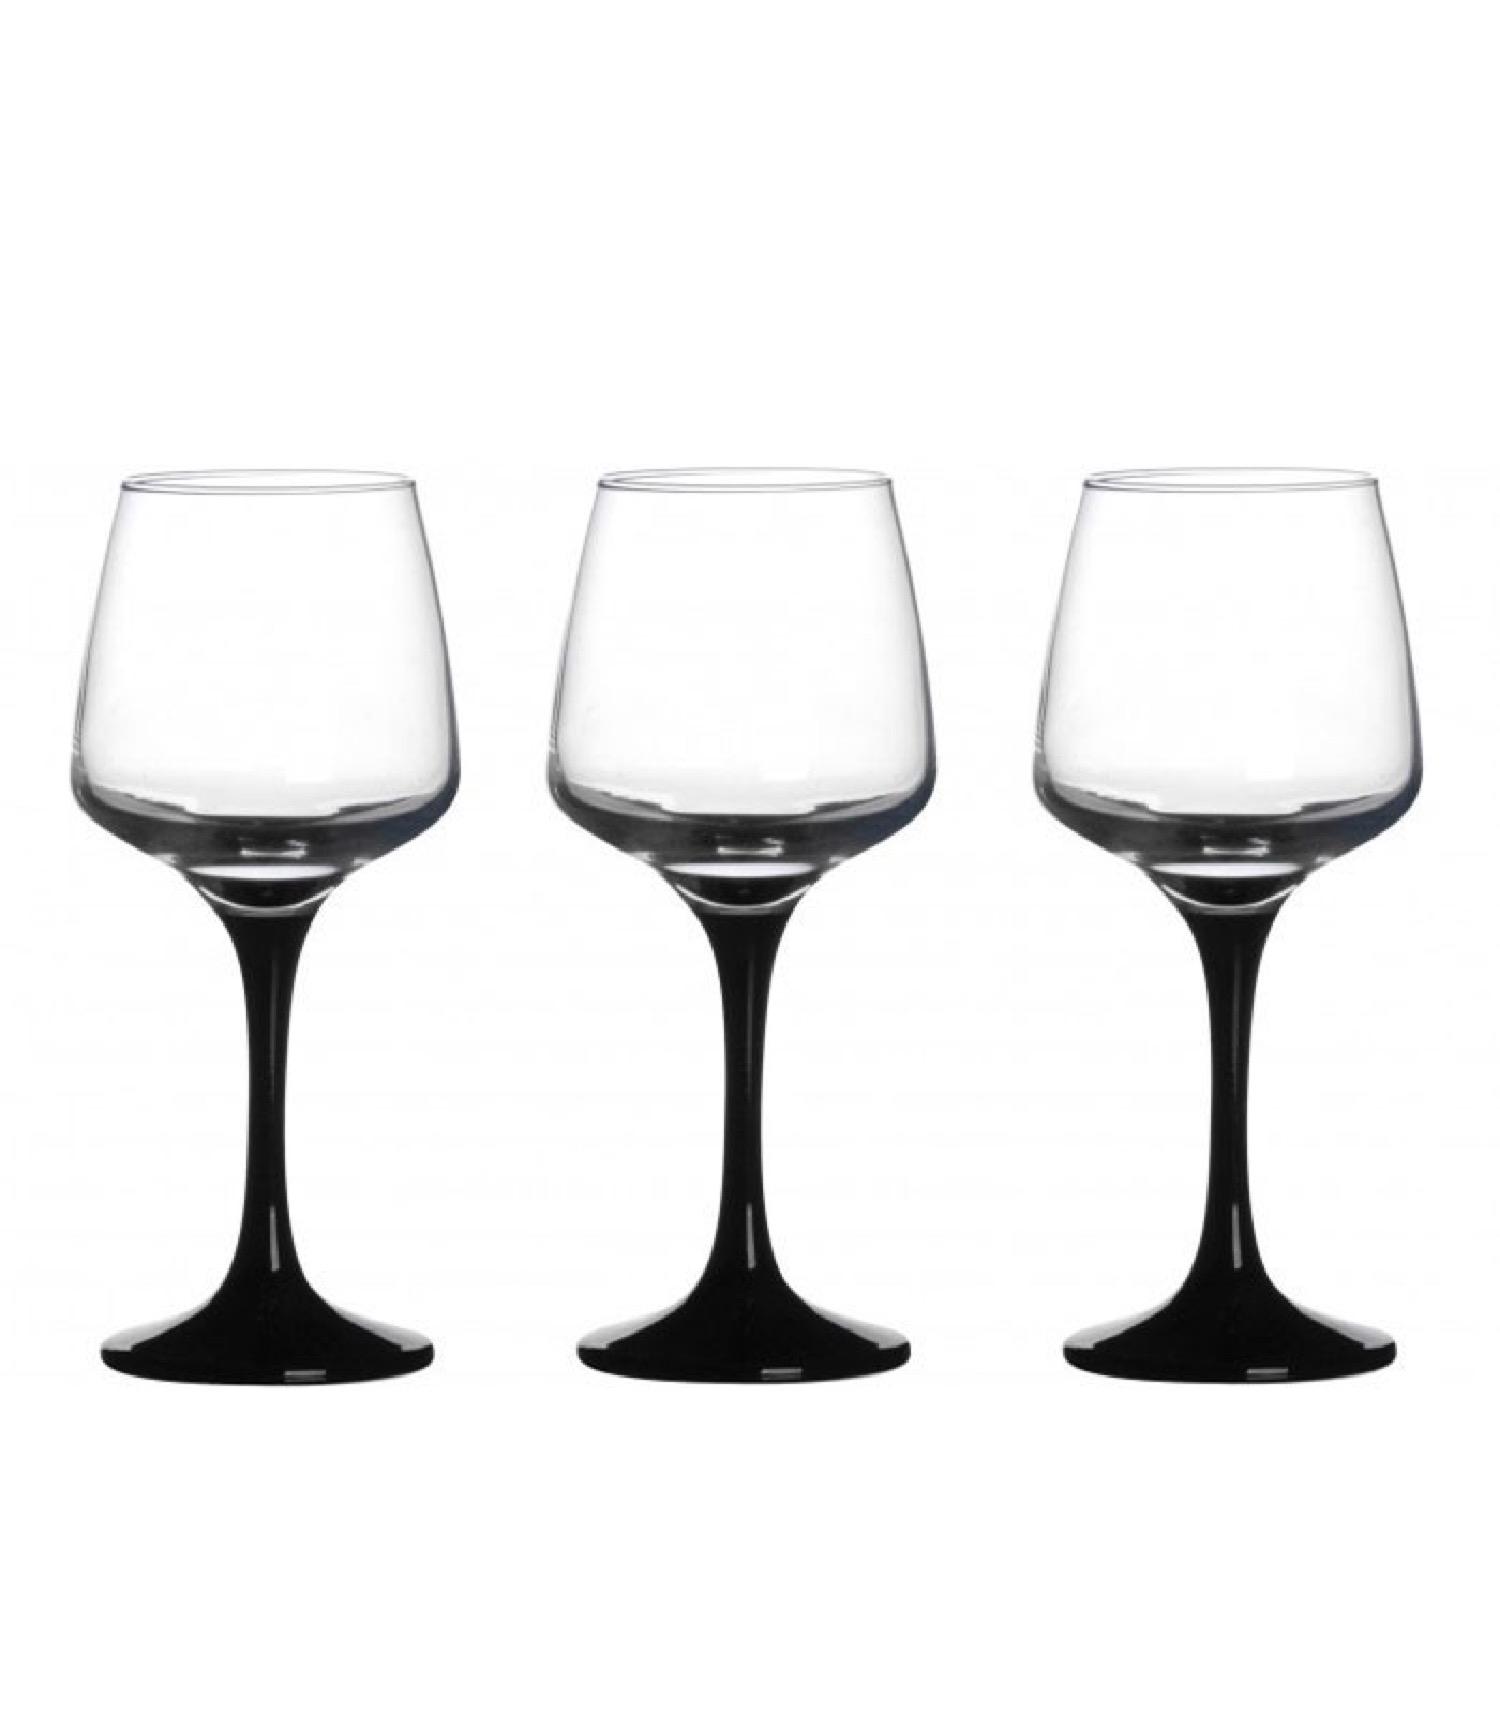 Verre à vin sur pied noir opaque 29,5cl - Lot de 3